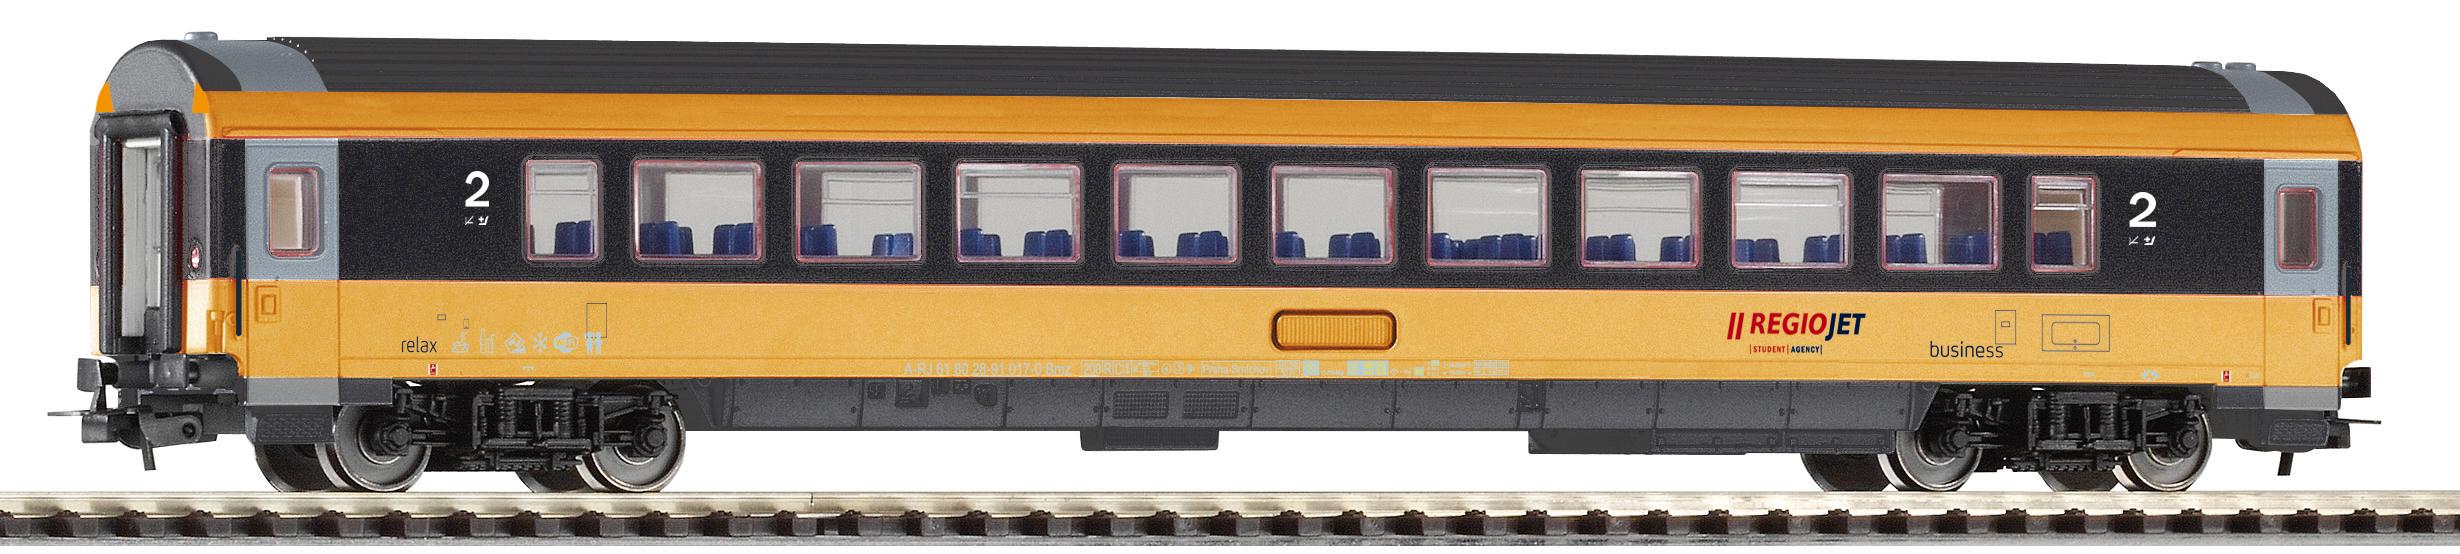 Piko Osobní vagon IC 2. tř. Regiojet VI - 57647